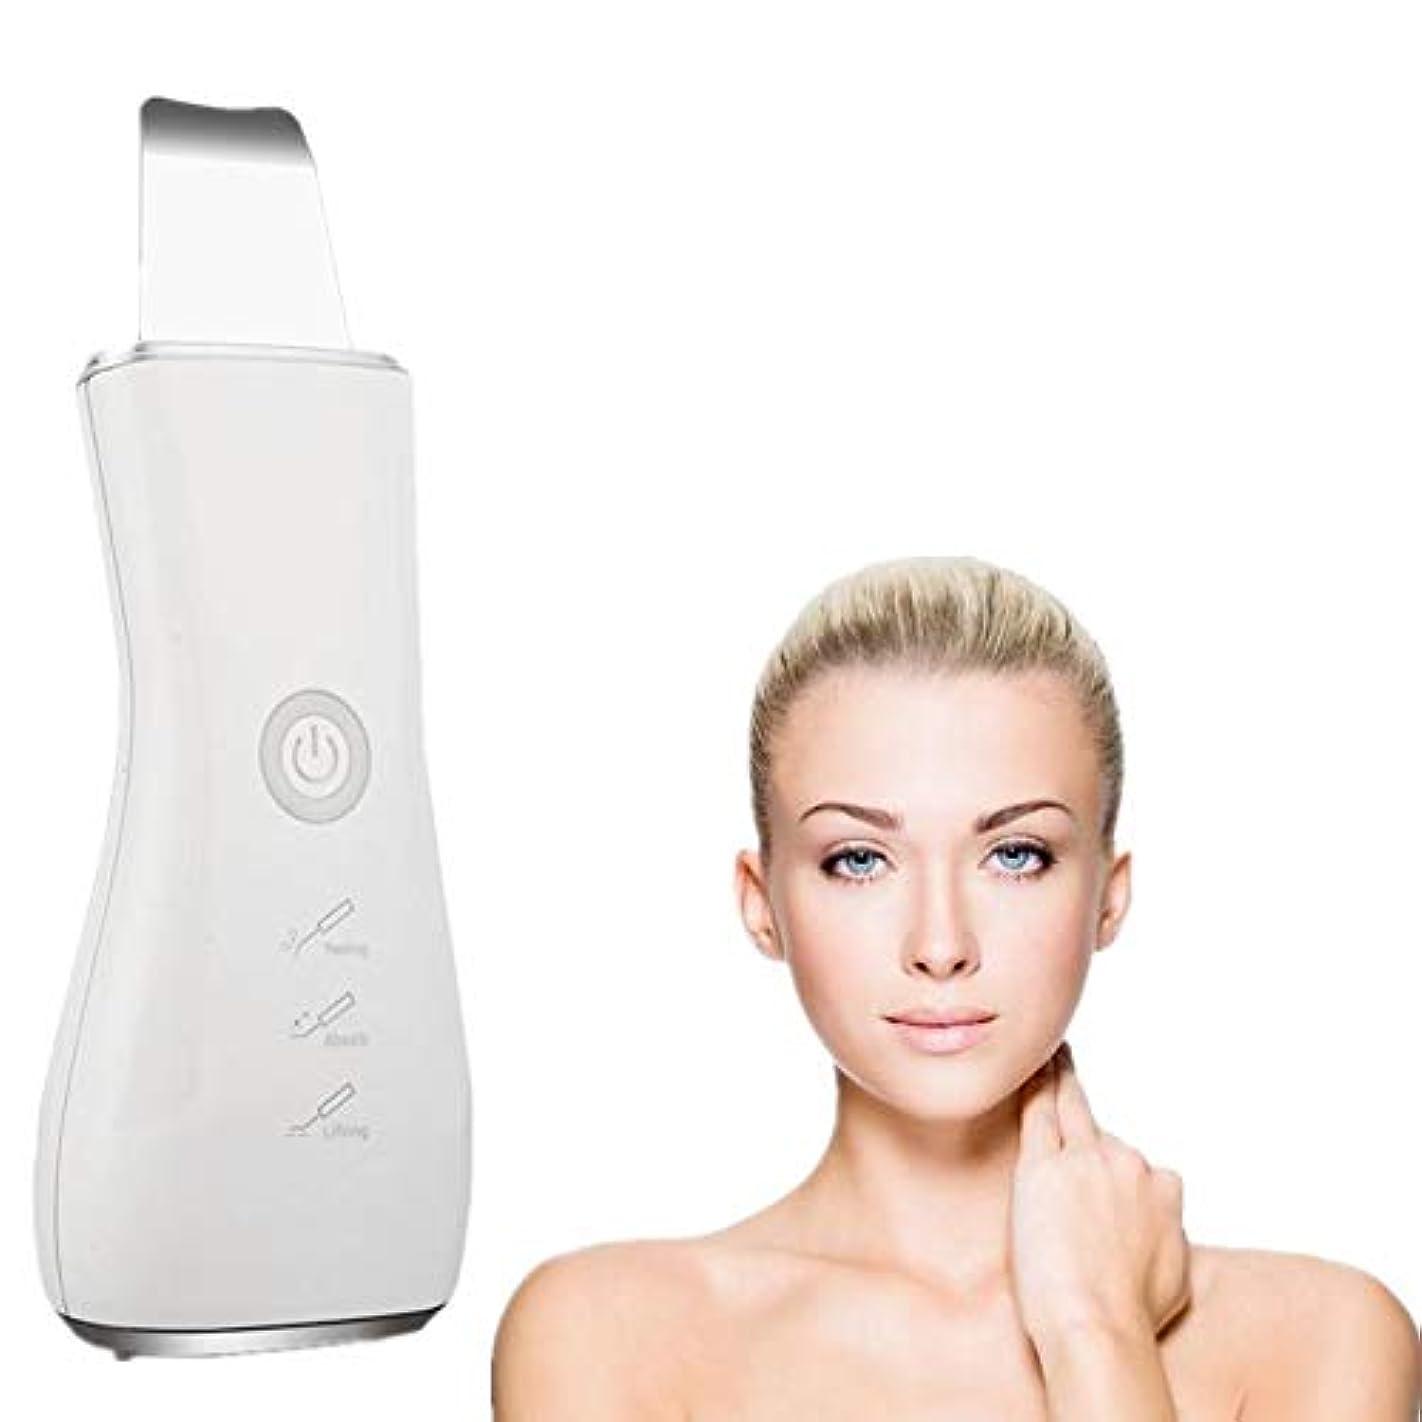 つなぐ間隔デザイナー顔の皮膚スクラバーブラックヘッドリムーバー毛穴充電式スキンスクラバー光子の若返り美容スキンクリーナーEMSクリーニングイオン導入モードUSB充電式美容ツール、シルバー